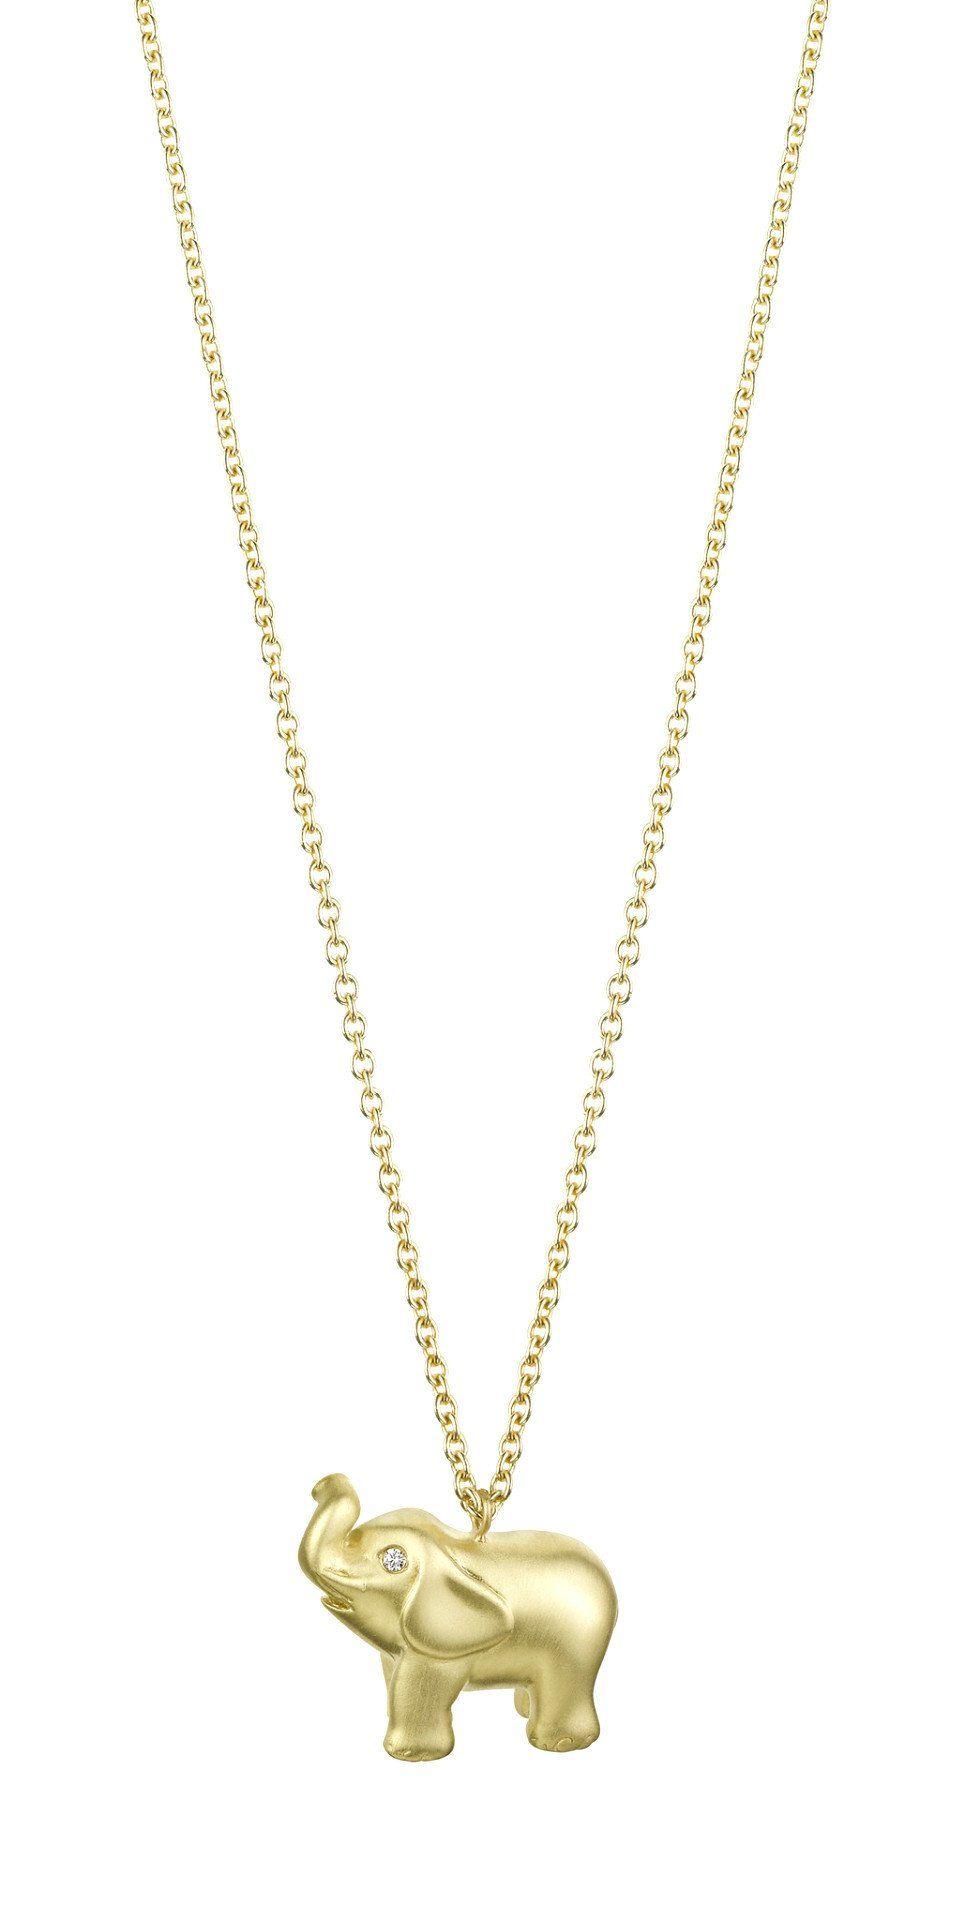 solid gold elephant necklace elephant necklace solid. Black Bedroom Furniture Sets. Home Design Ideas